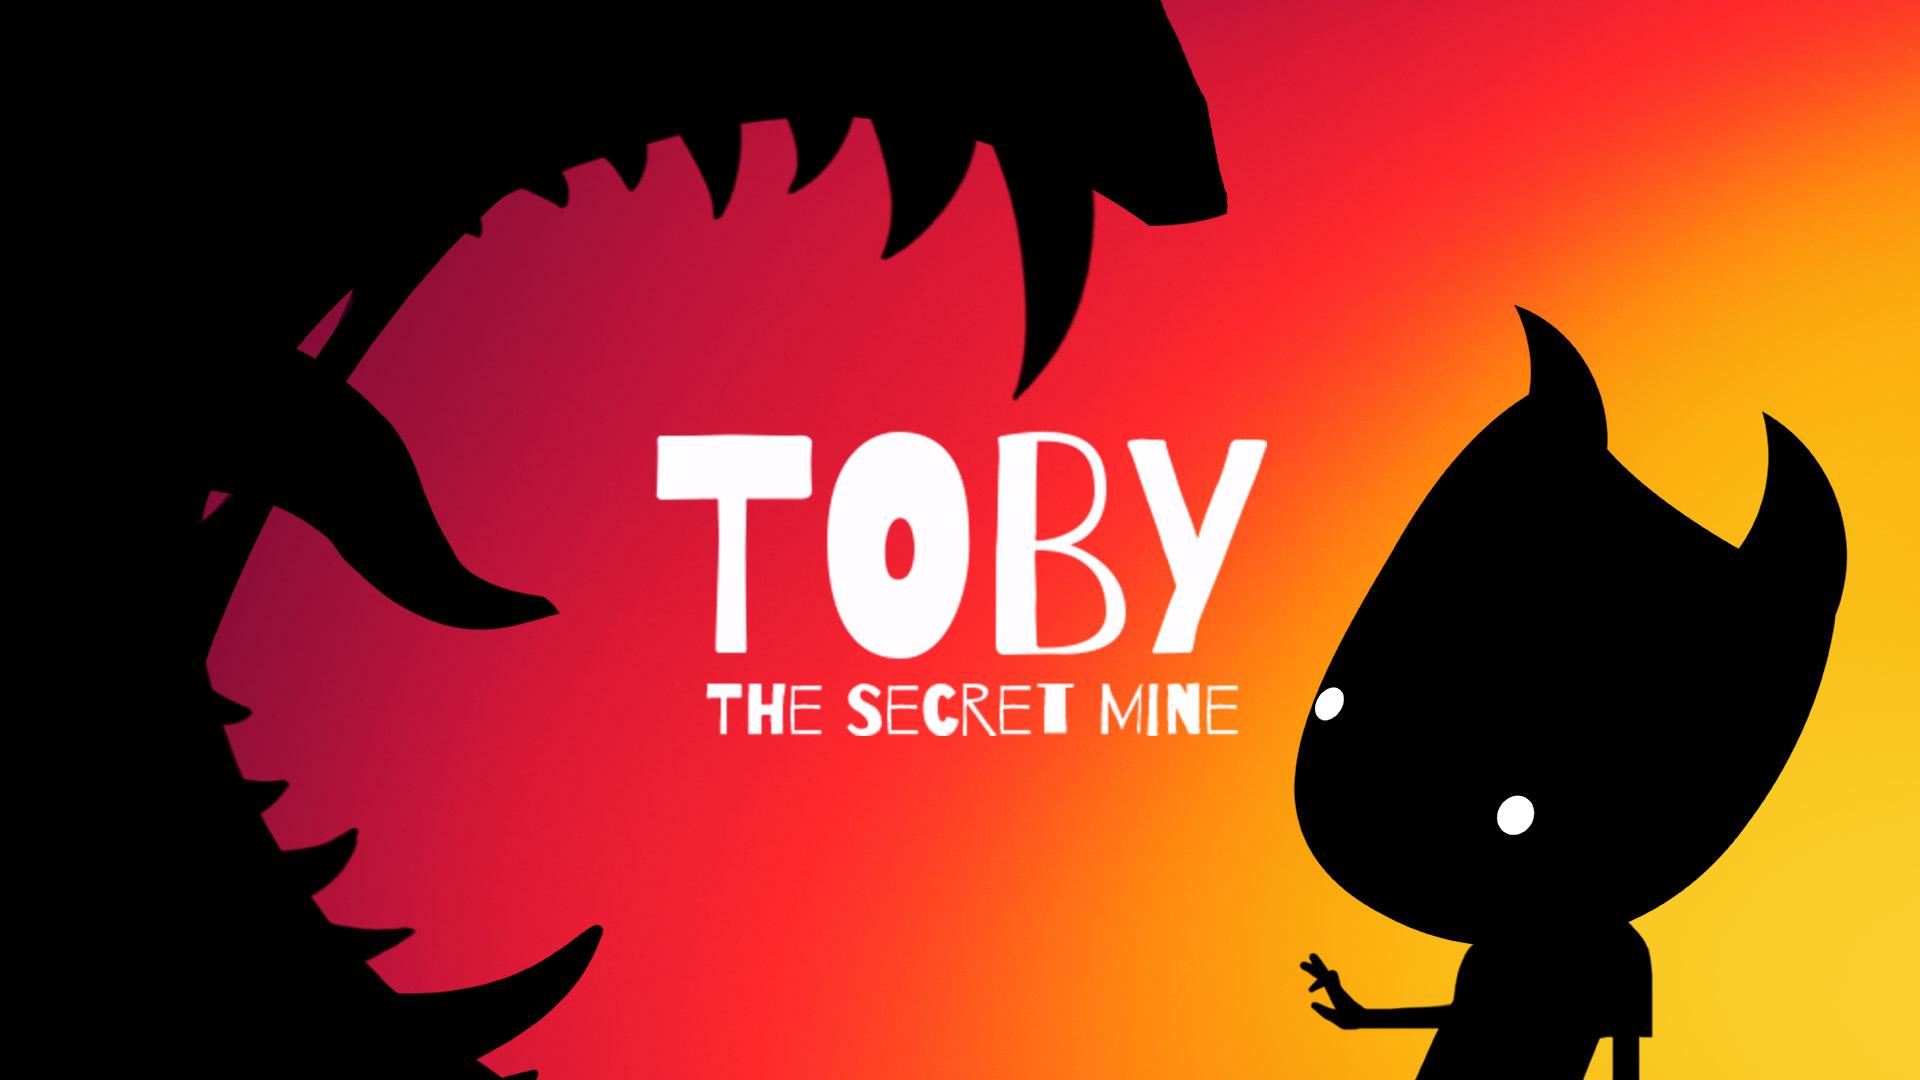 Toby: The Secret Mine Wallpaper in 1920x1080